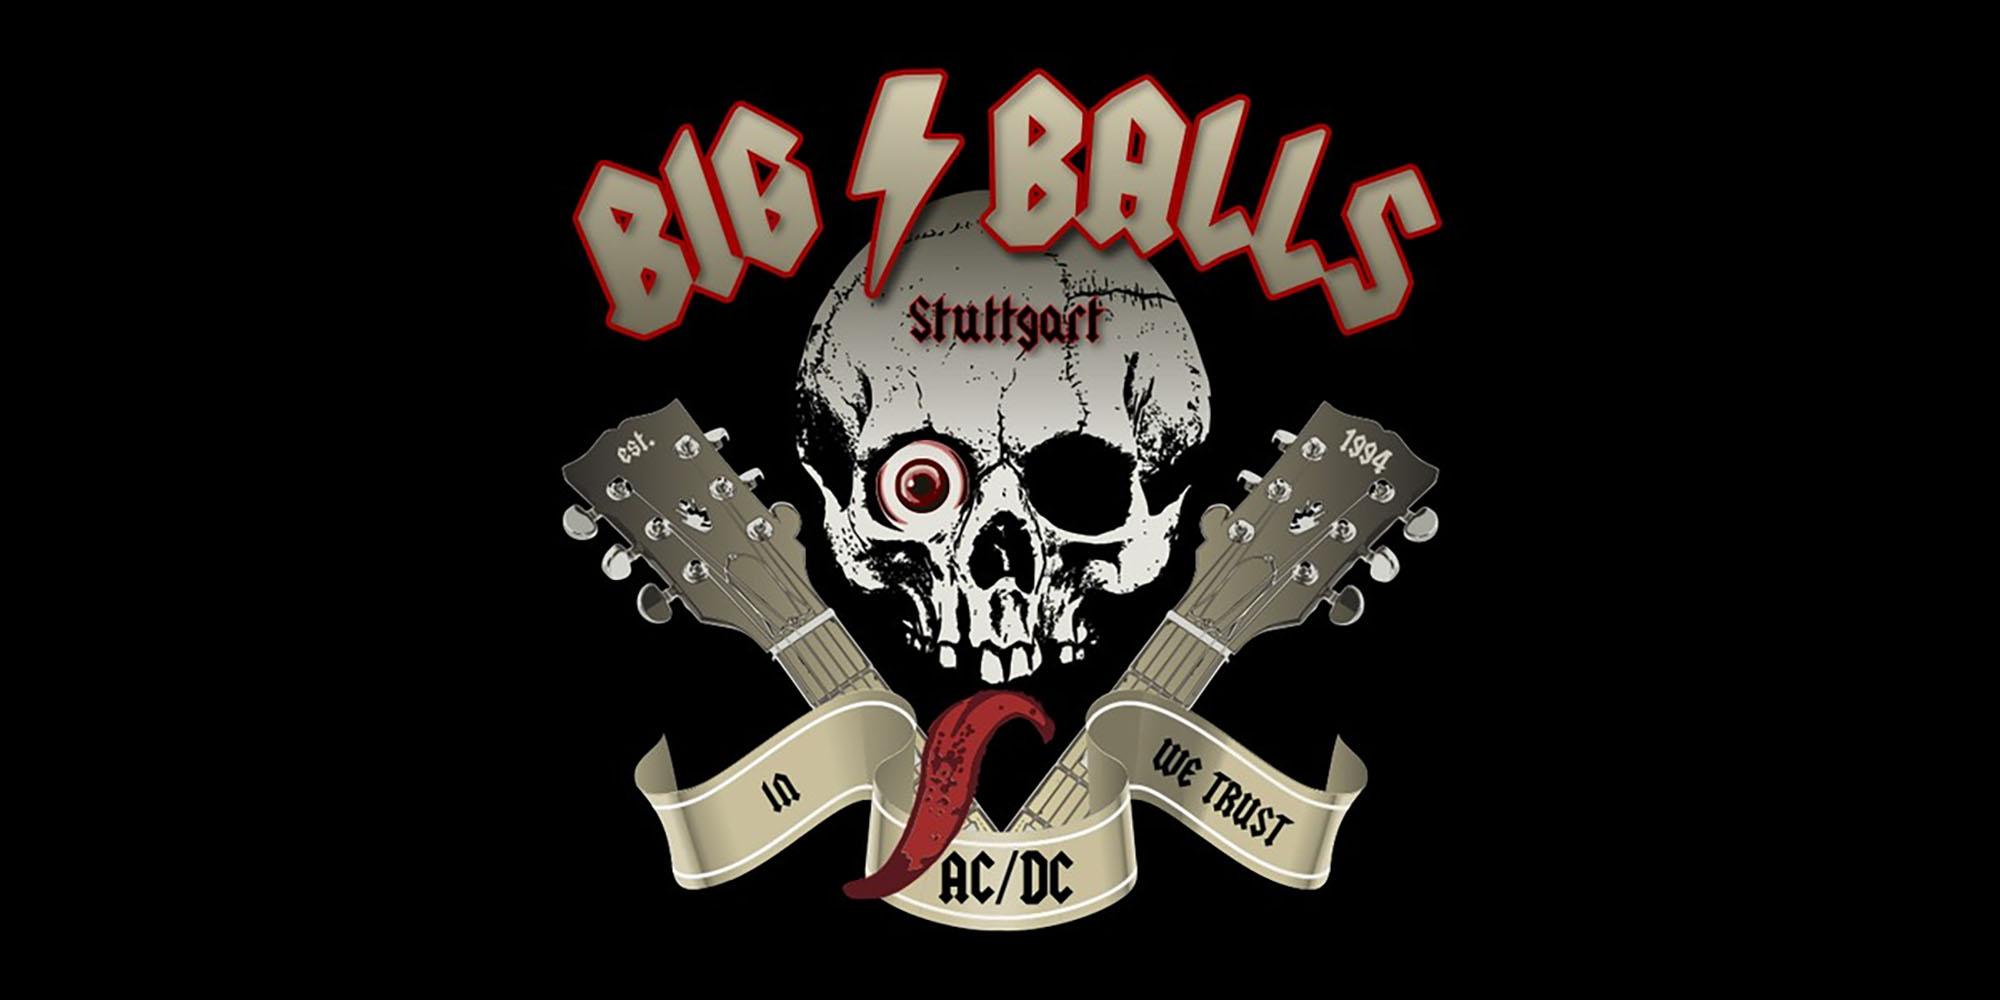 25 JAHRE BIG BALLS STUTTGART